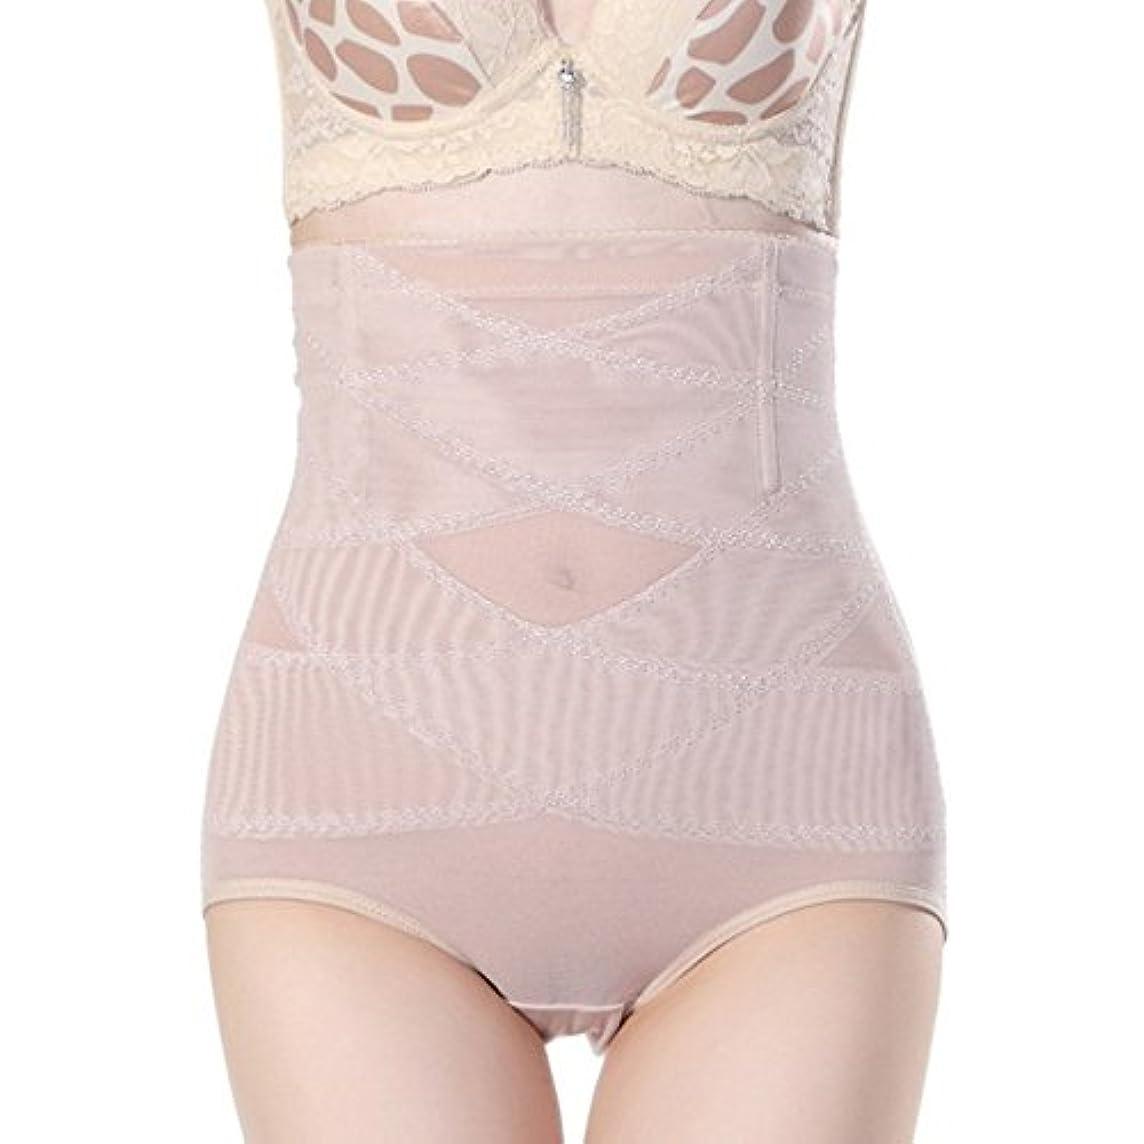 音楽を聴く指定する症候群腹部制御下着シームレスおなかコントロールパンティーバットリフターボディシェイパーを痩身通気性のハイウエストの女性 - 肌色3 XL